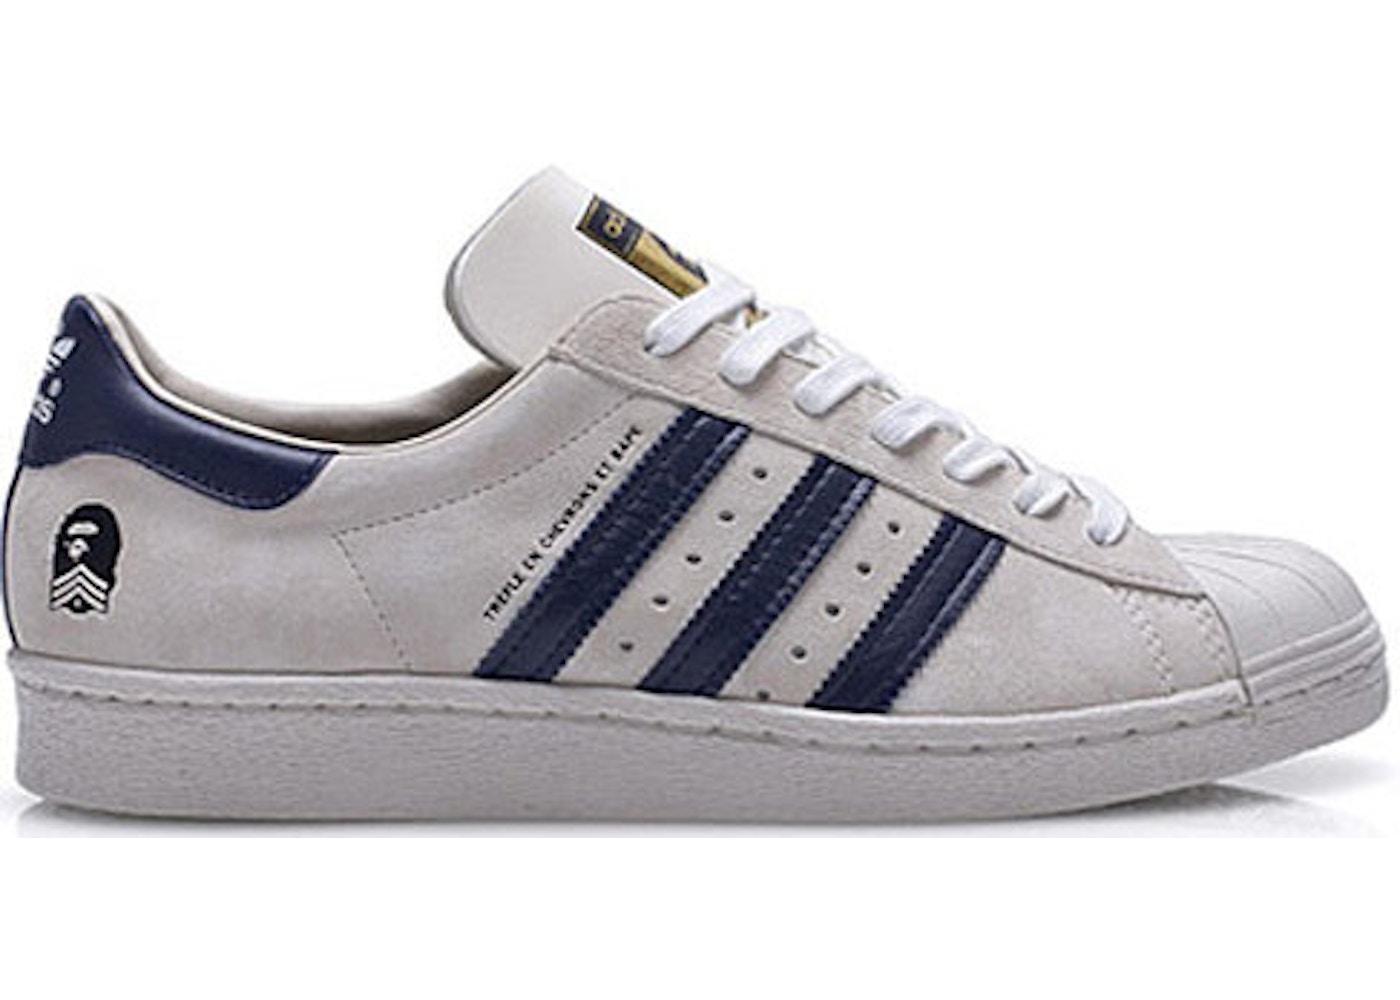 d745dd7ba8a3 adidas Superstar 80s Bape